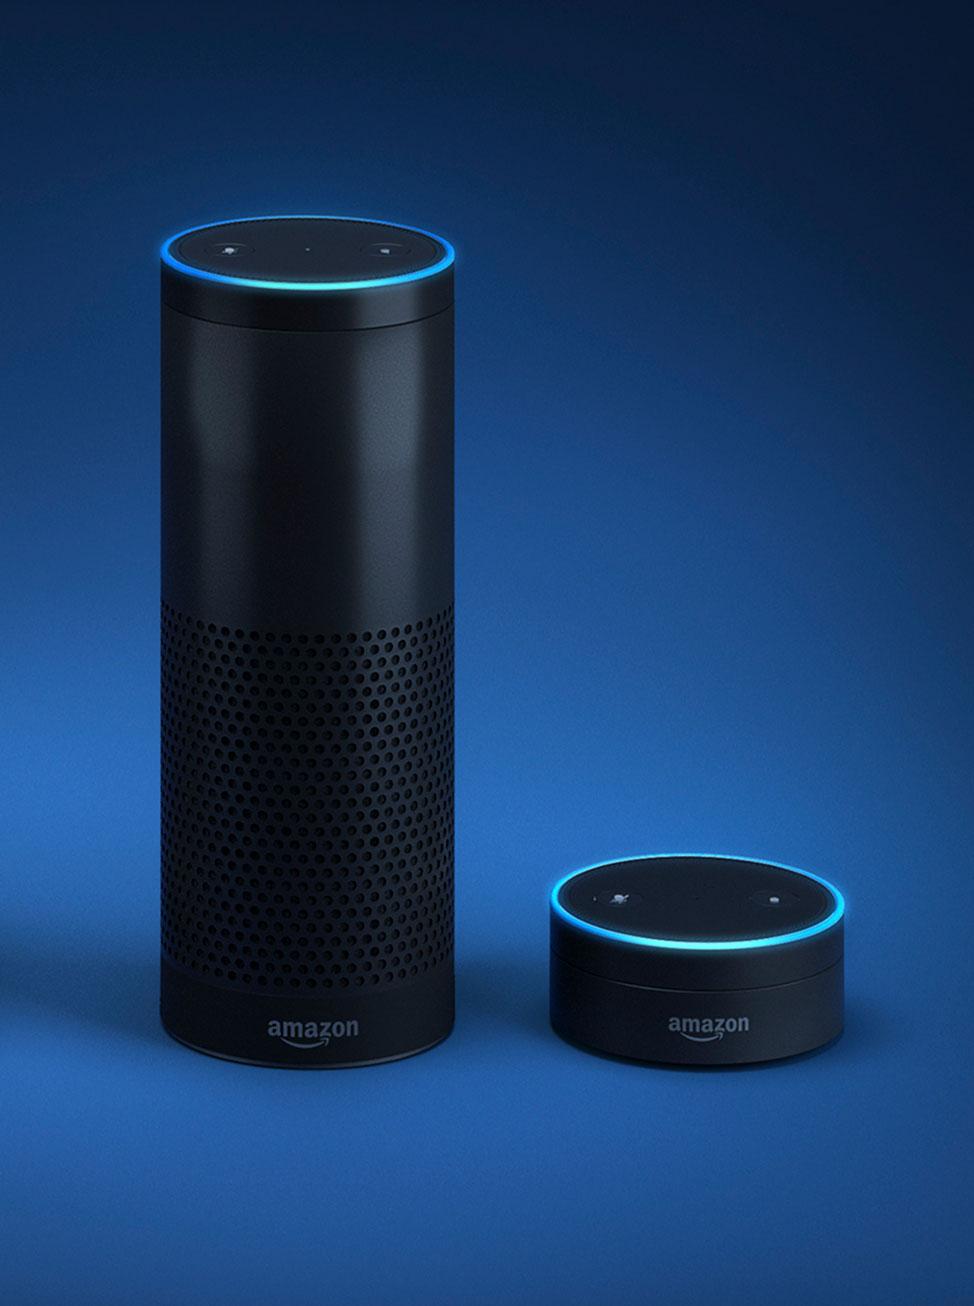 Amazon Echo Plus, and Amazon Echo Dot smart speakers